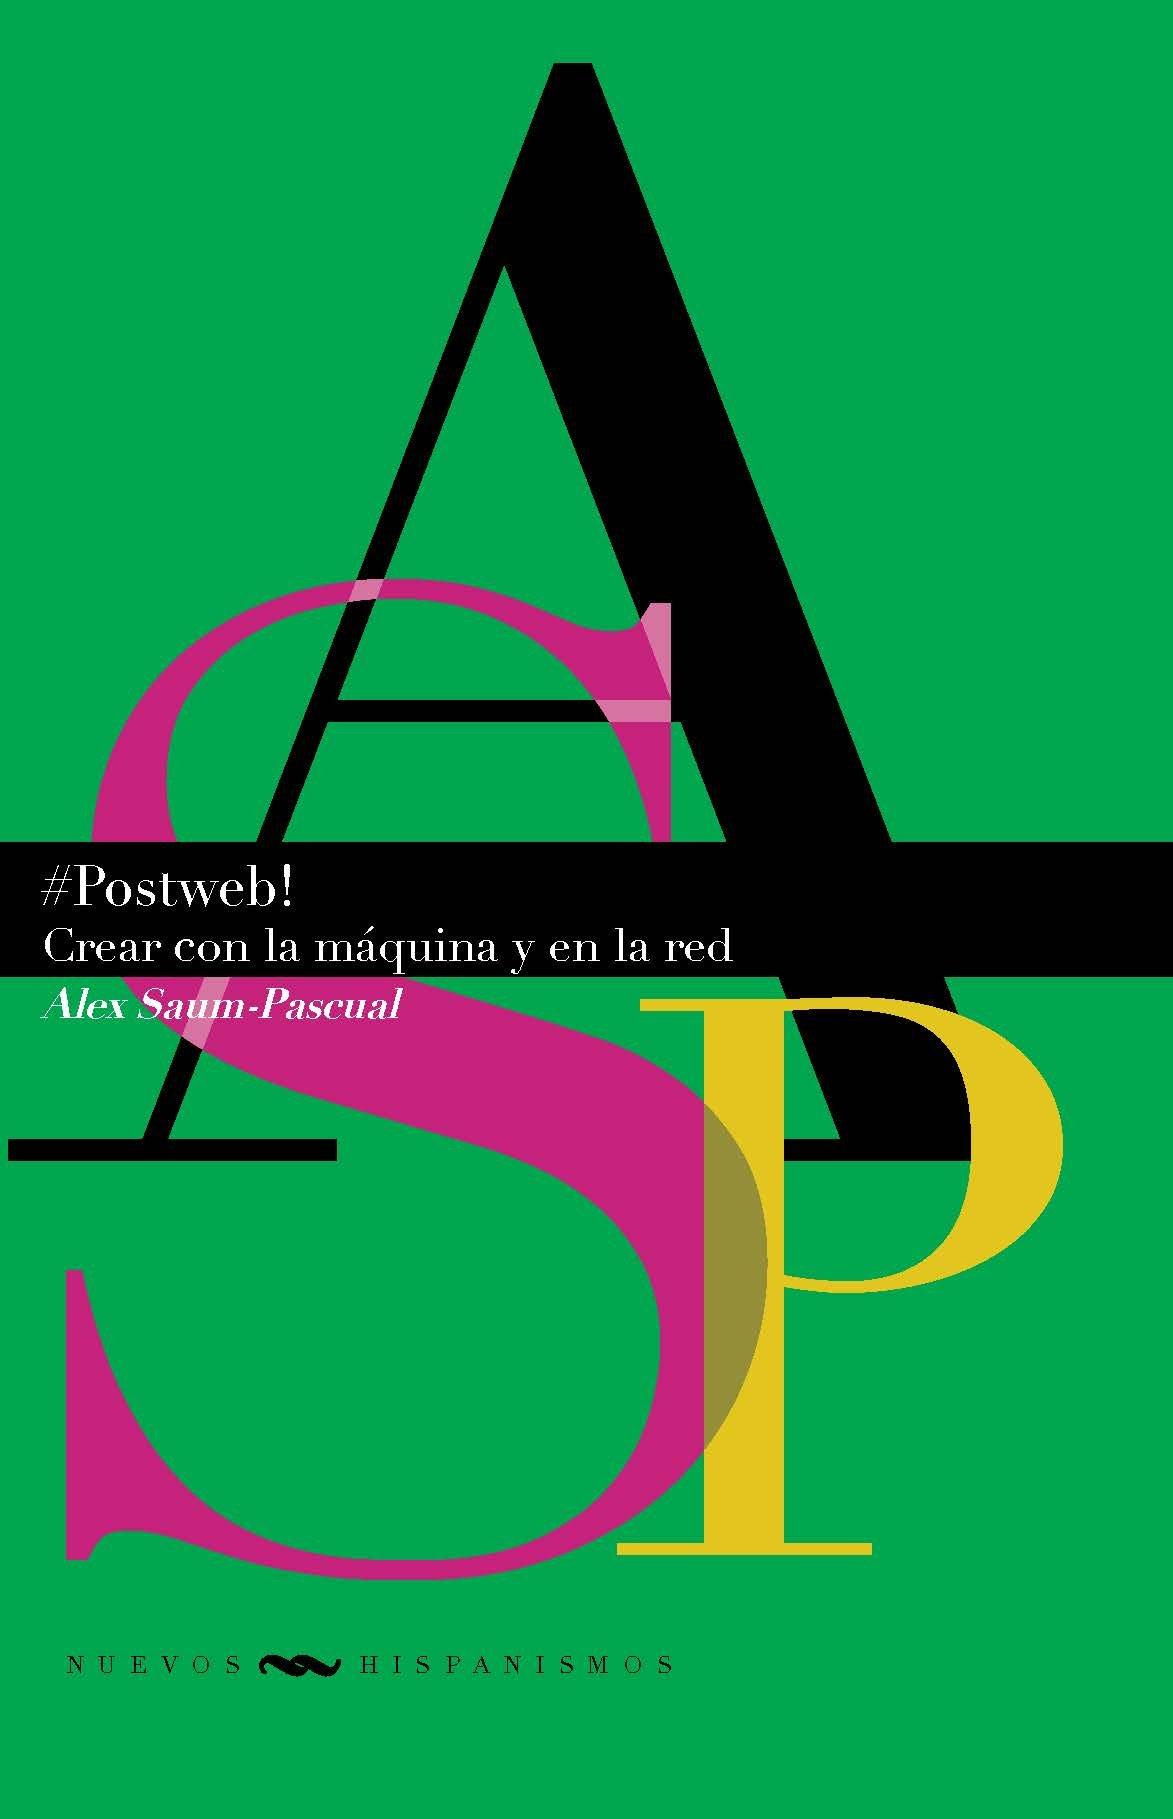 Postweb: crear con la maquina y en la red (Spanish Edition) (Spanish) Paperback – September 4, 2018